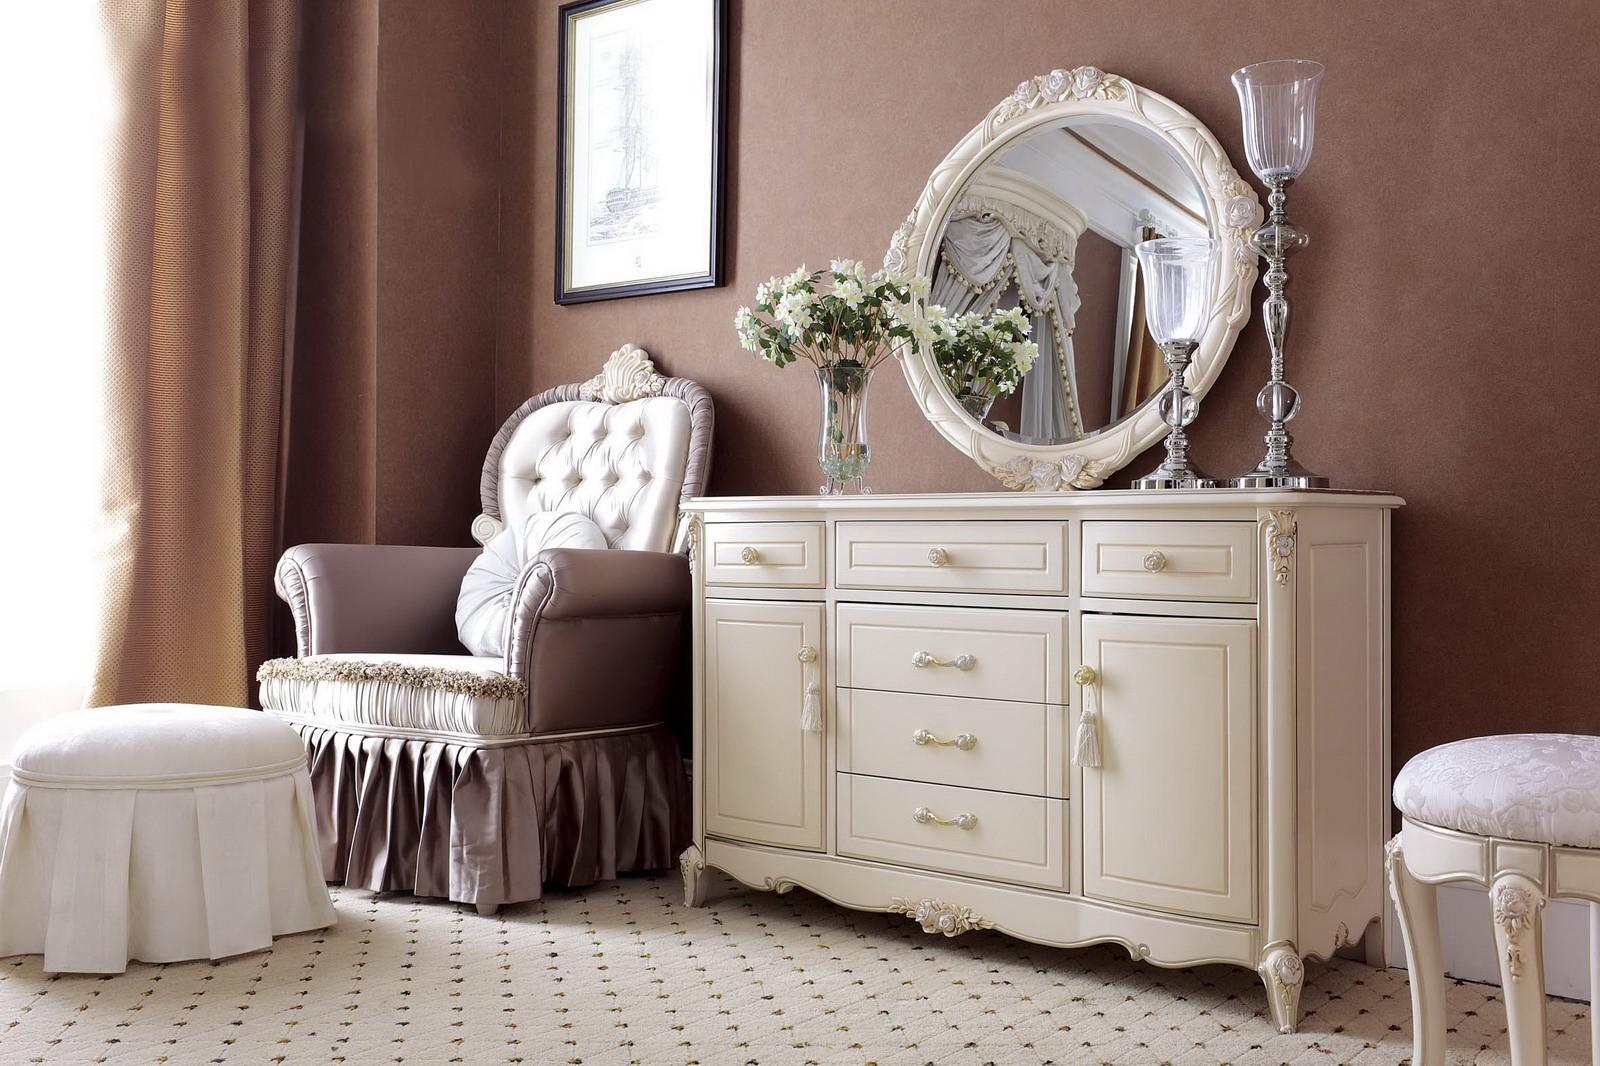 комод с зеркалом в спальню фото дизайна